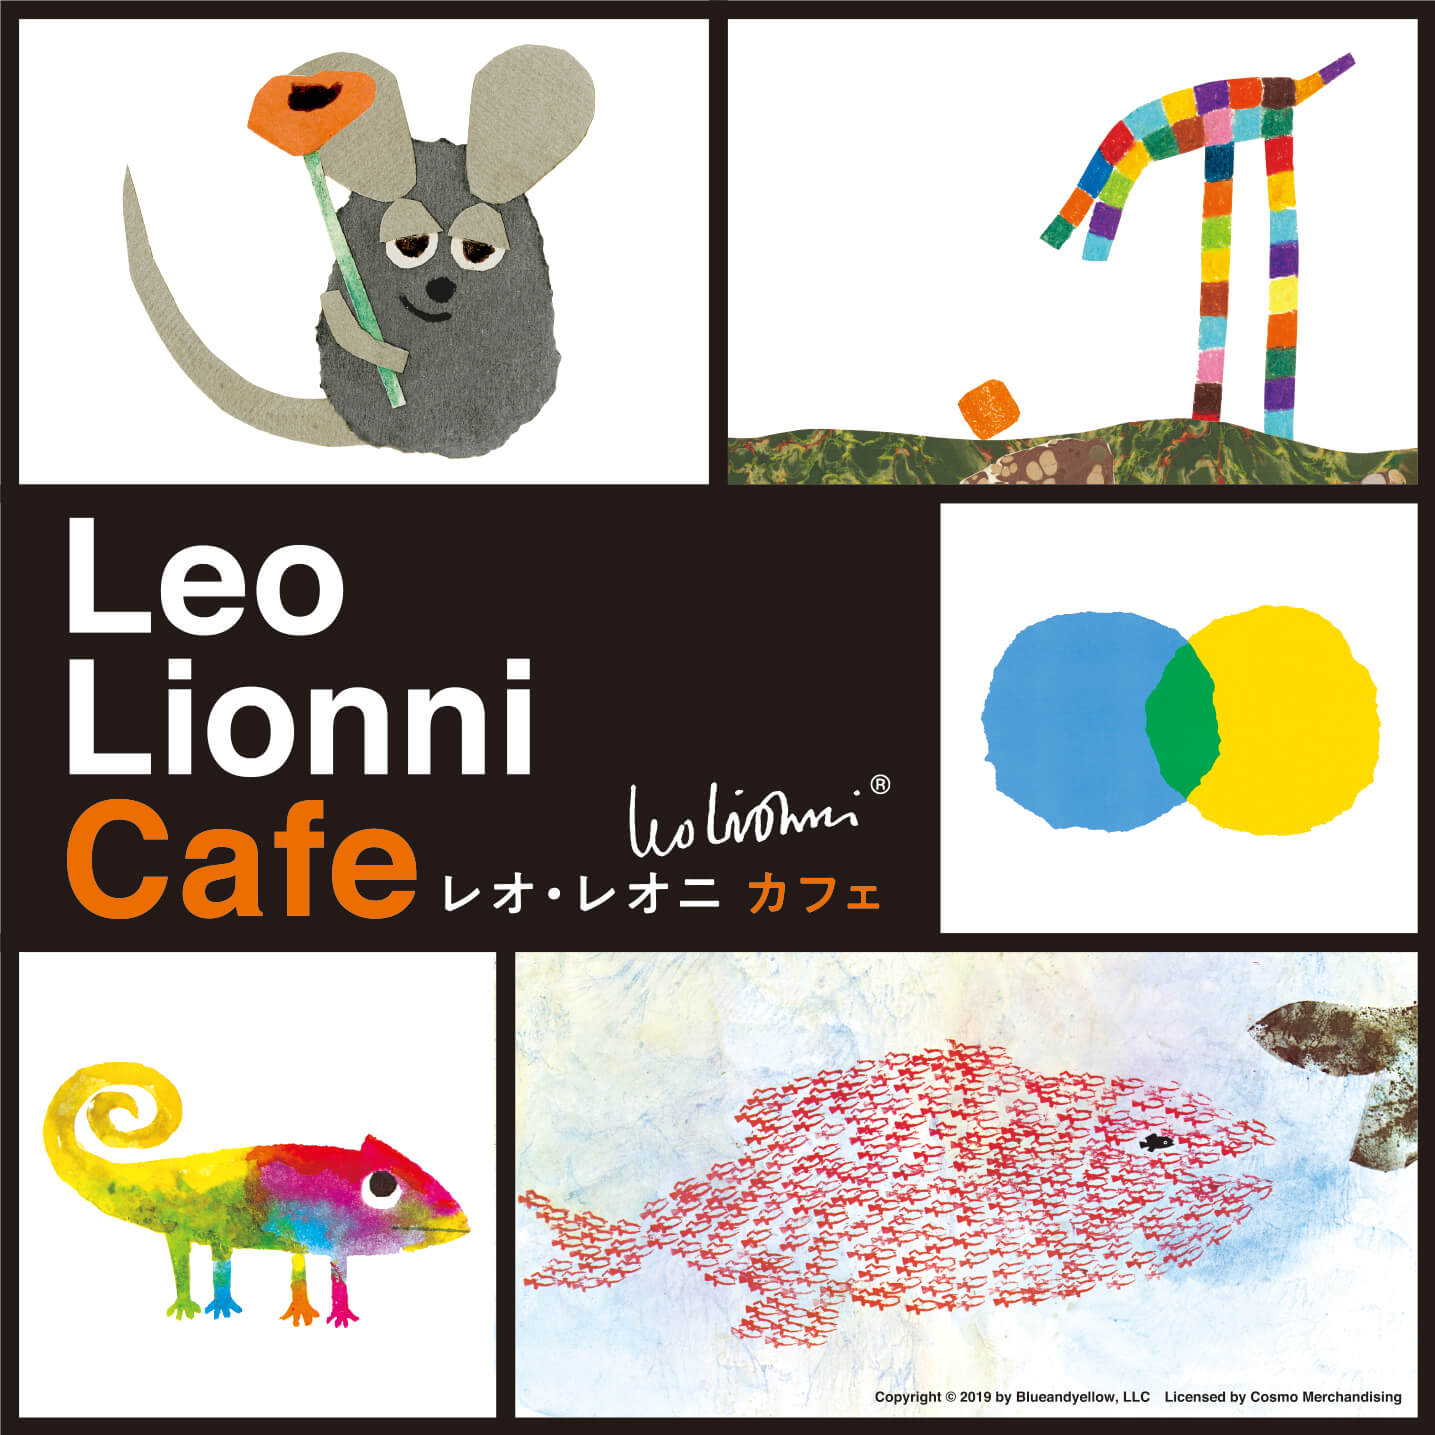 %e3%83%ac%e3%82%aa%e3%83%bb%e3%83%ac%e3%82%aa%e3%83%8b-%e3%82%b3%e3%83%a9%e3%83%9b%e3%82%99%e3%82%ab%e3%83%95%e3%82%a7-leolionni_logo-cafe